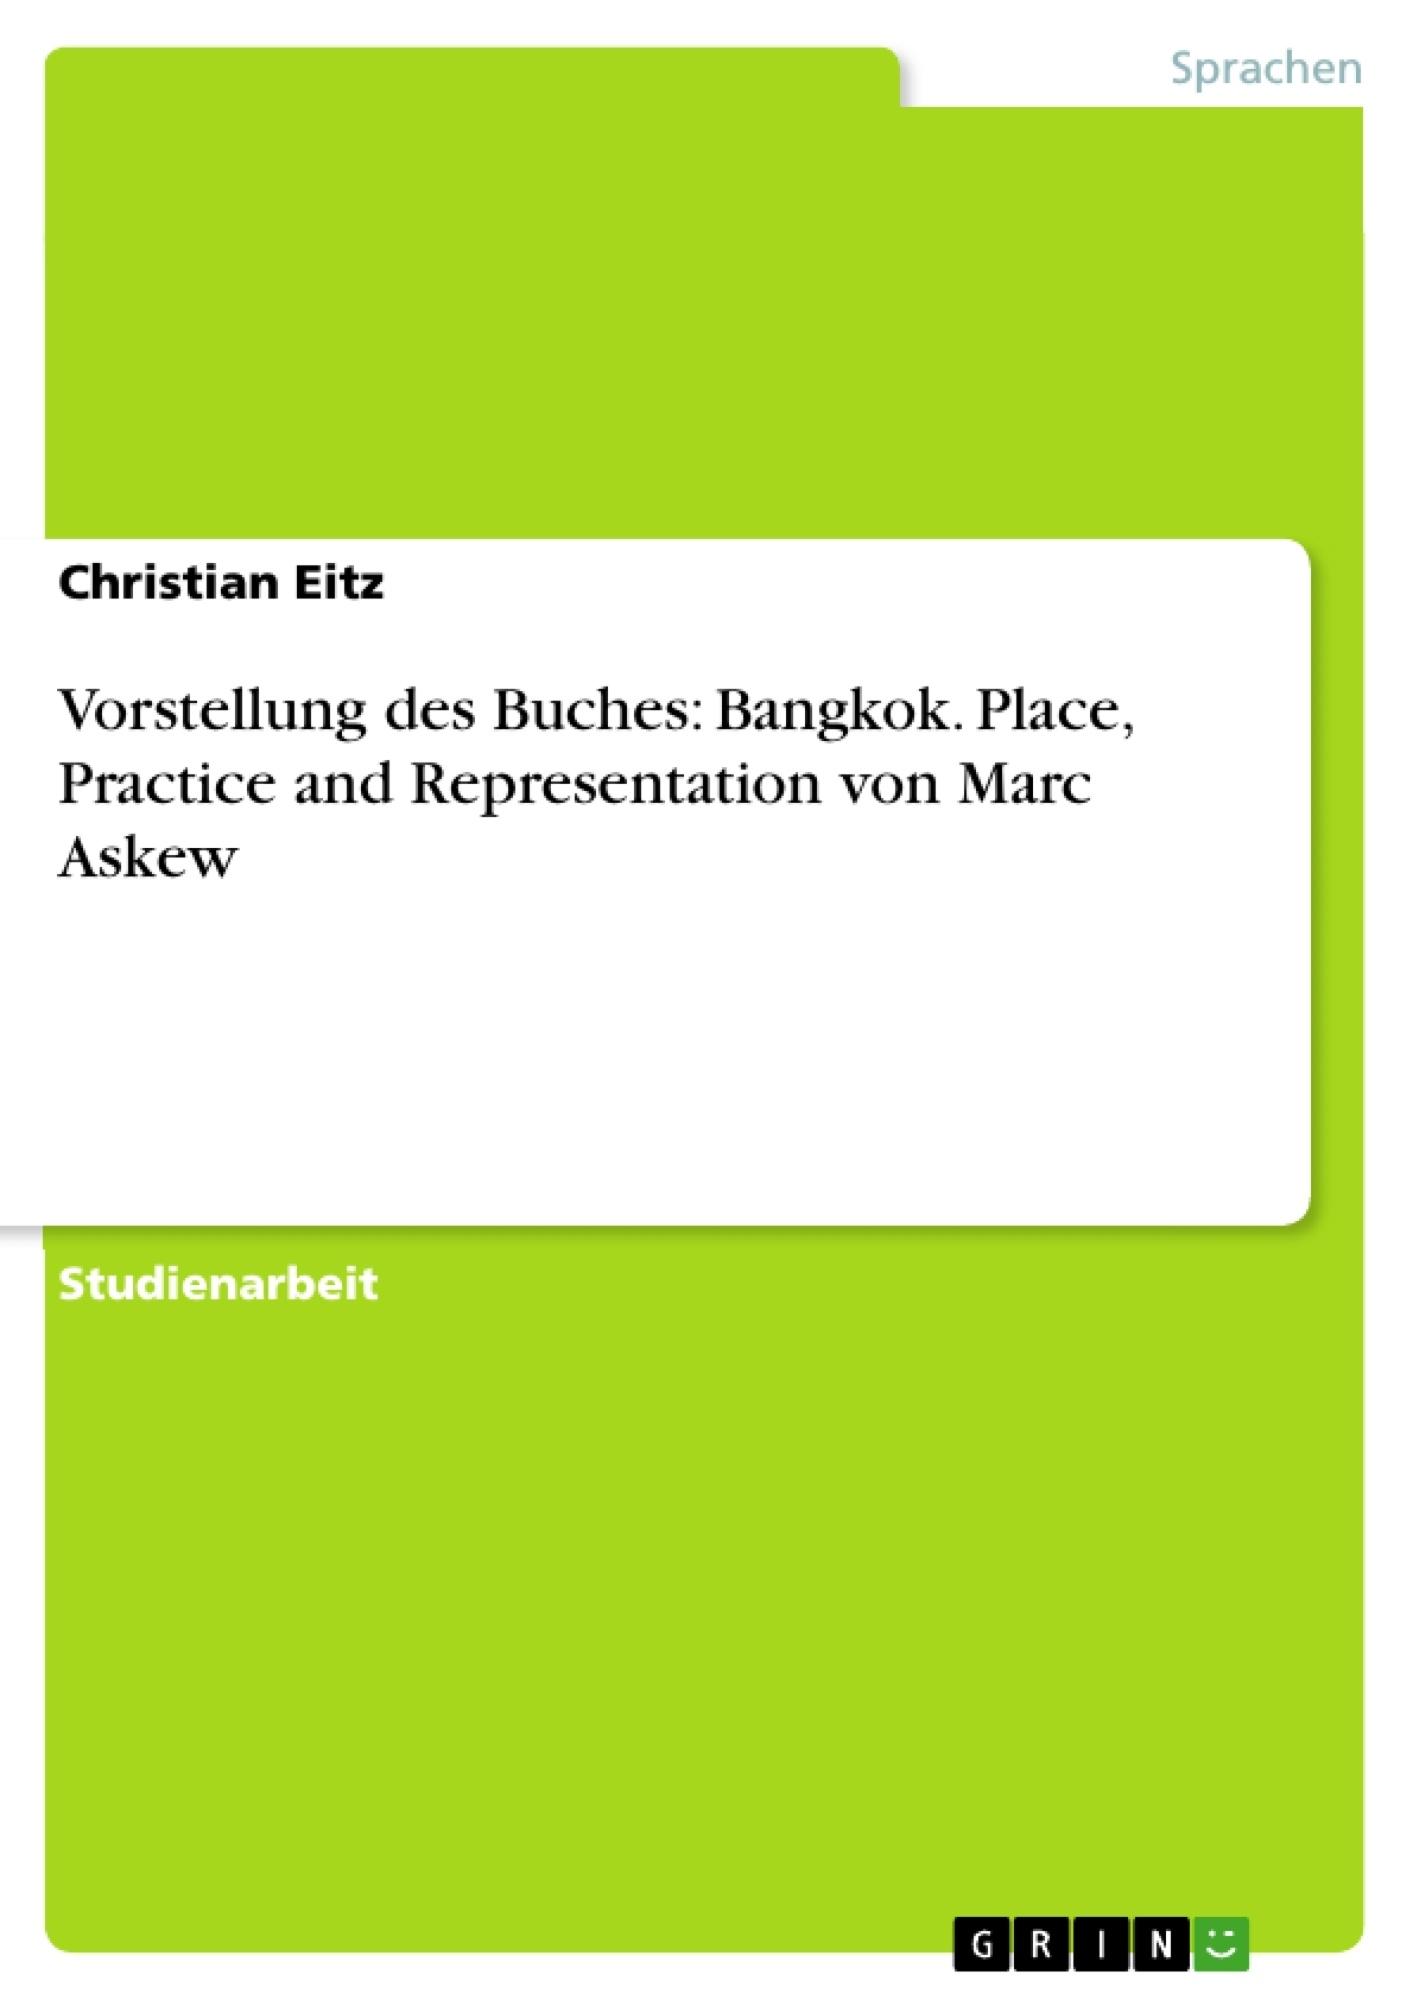 Titel: Vorstellung des Buches: Bangkok. Place, Practice and Representation von Marc Askew